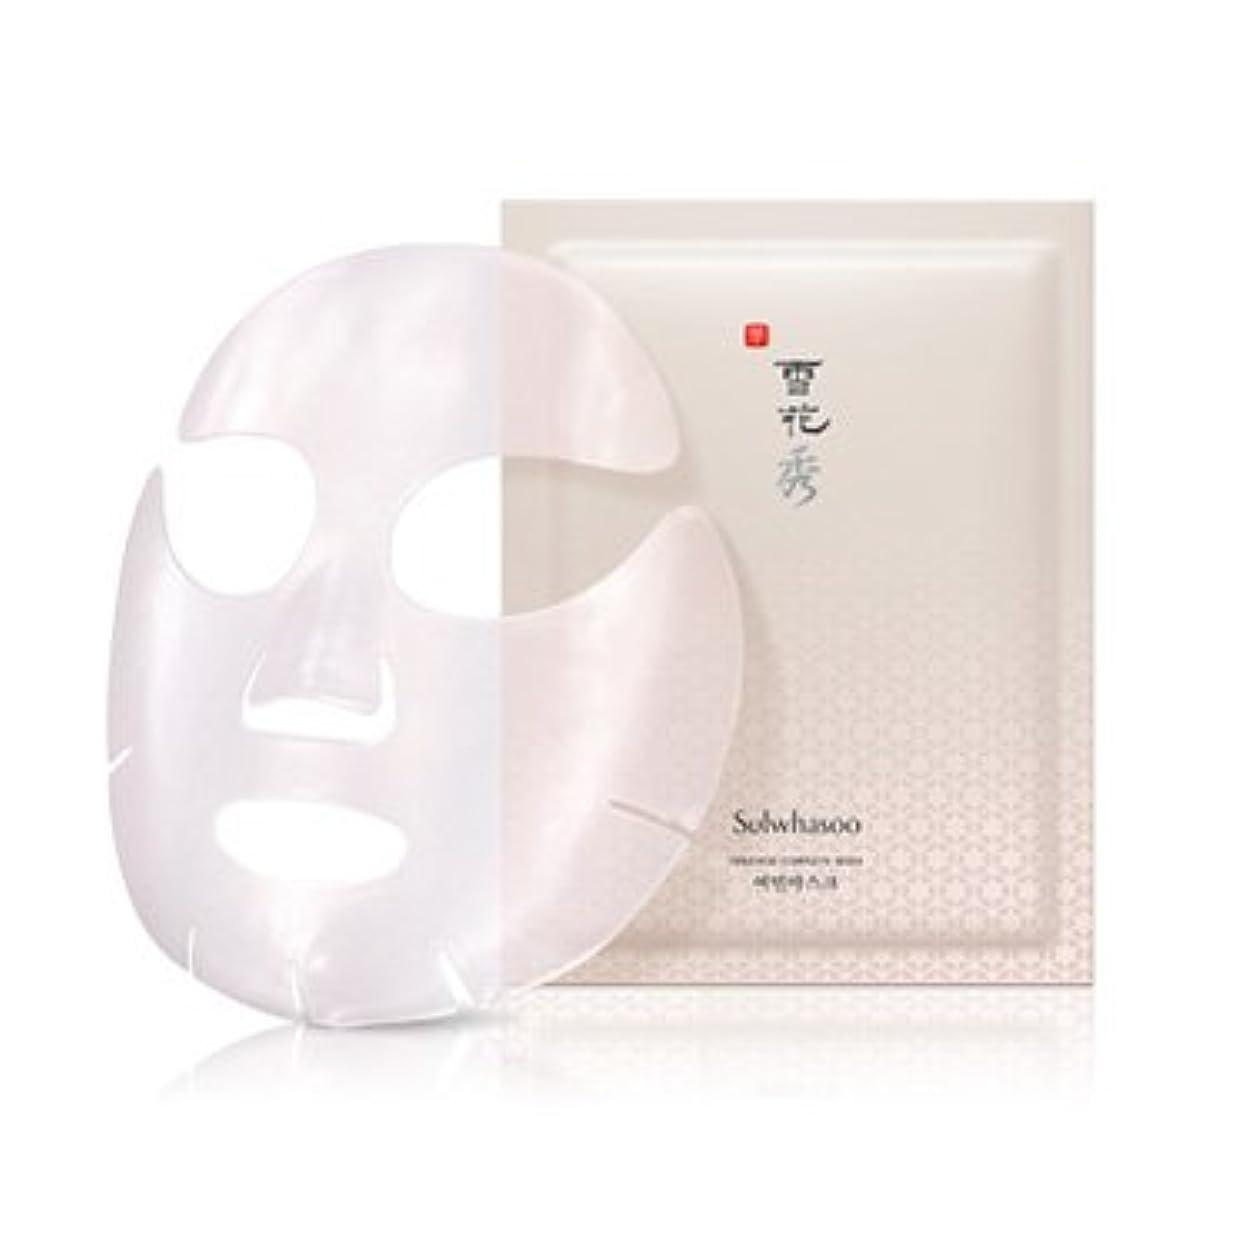 刺繍滴下望まない雪花秀(ソルファス)ヨミンマスク(Innerise Complete Mask)5枚入